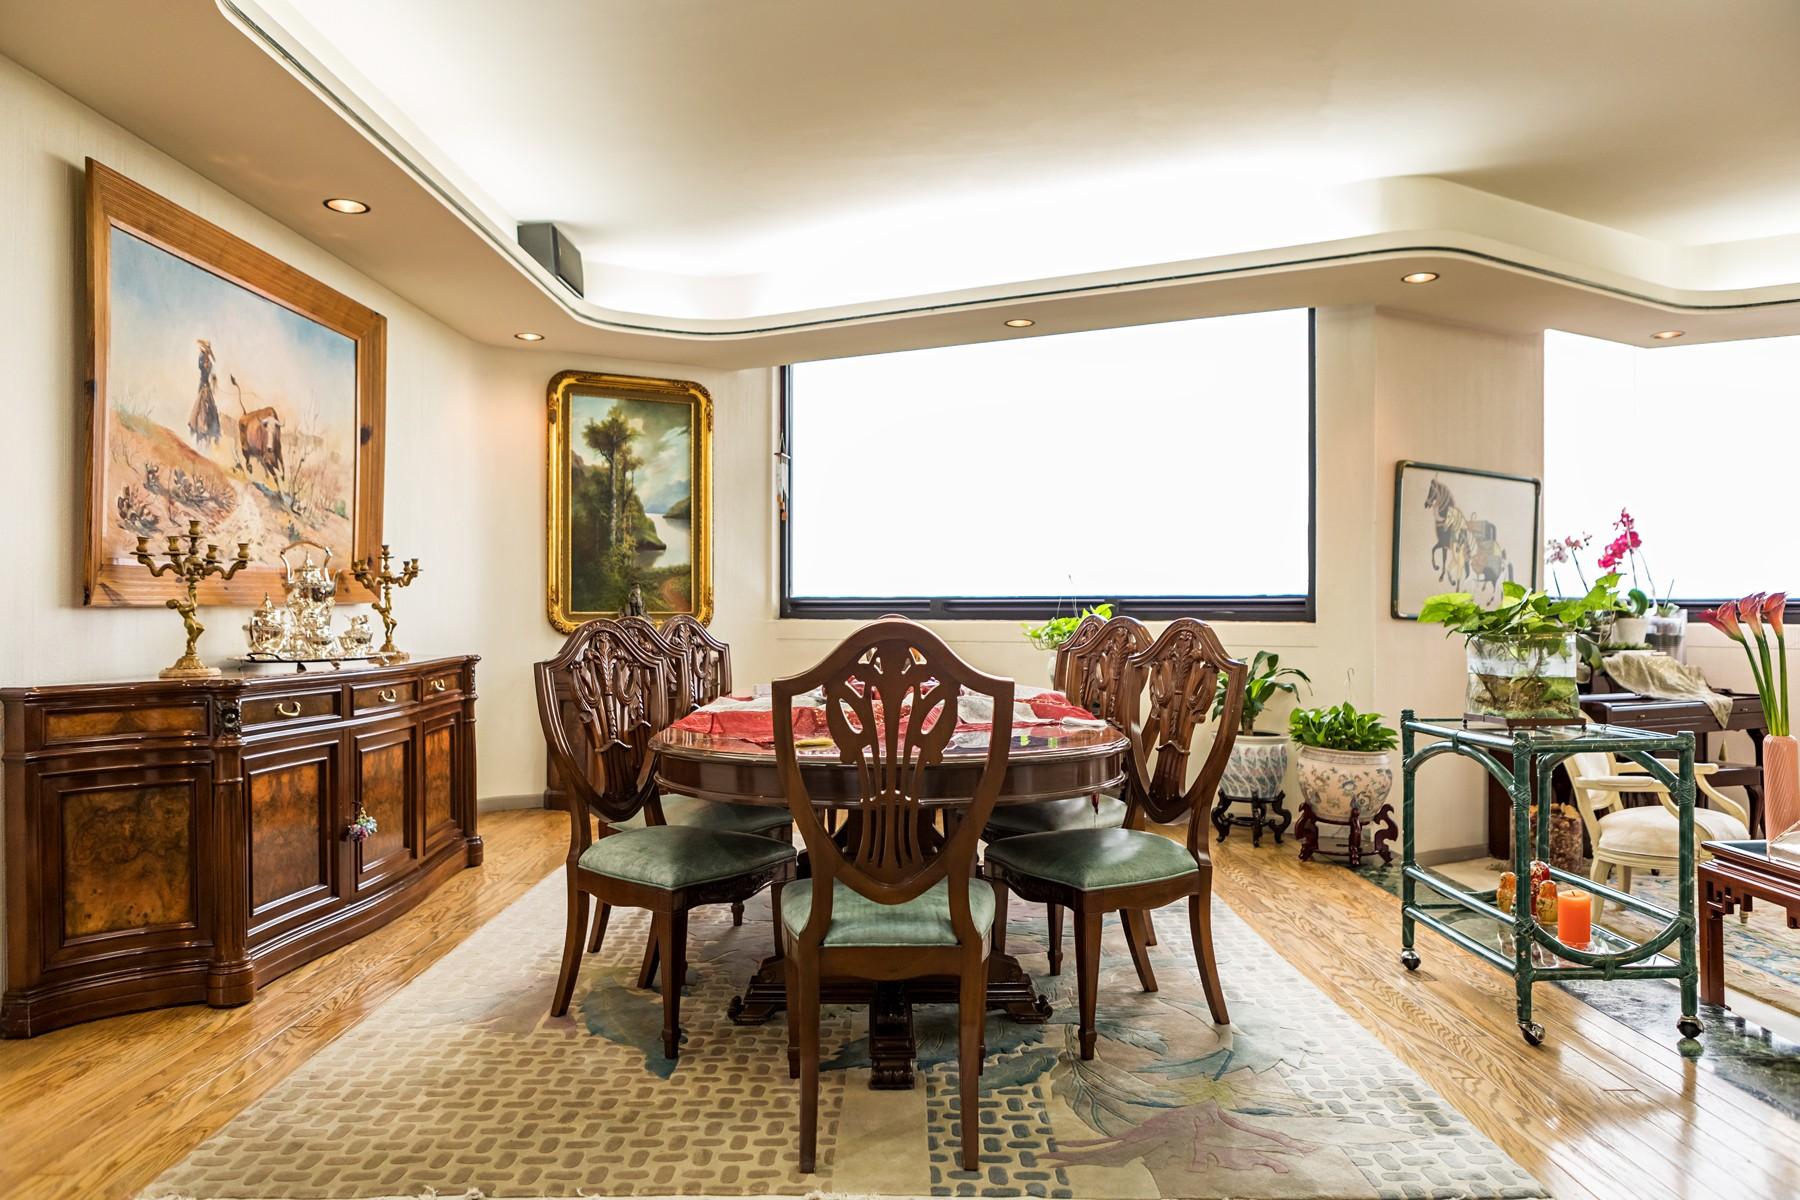 Additional photo for property listing at Departamento de Lujo, Paseo del Edén, Colinas de San Javier, Zapopan Paseo del Edén 2449 Guadalajara, Jalisco 44660 México